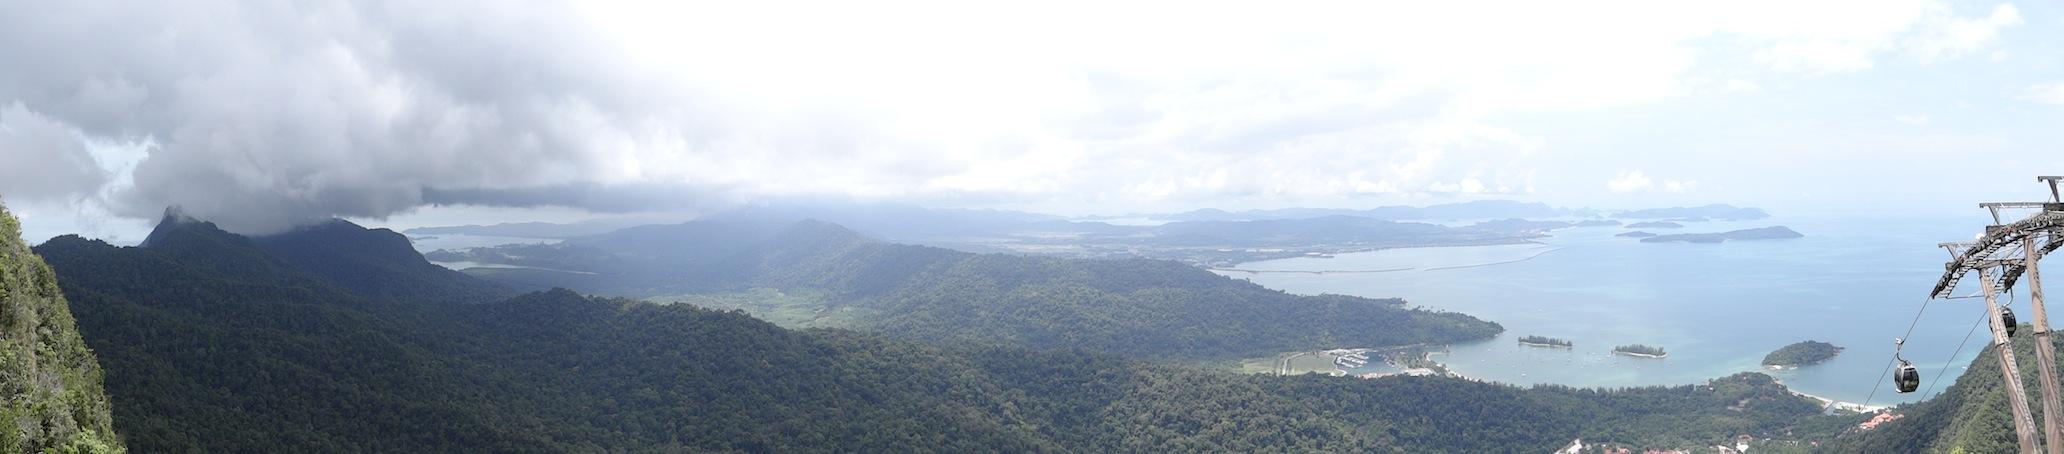 02 Panorama Langkawi island